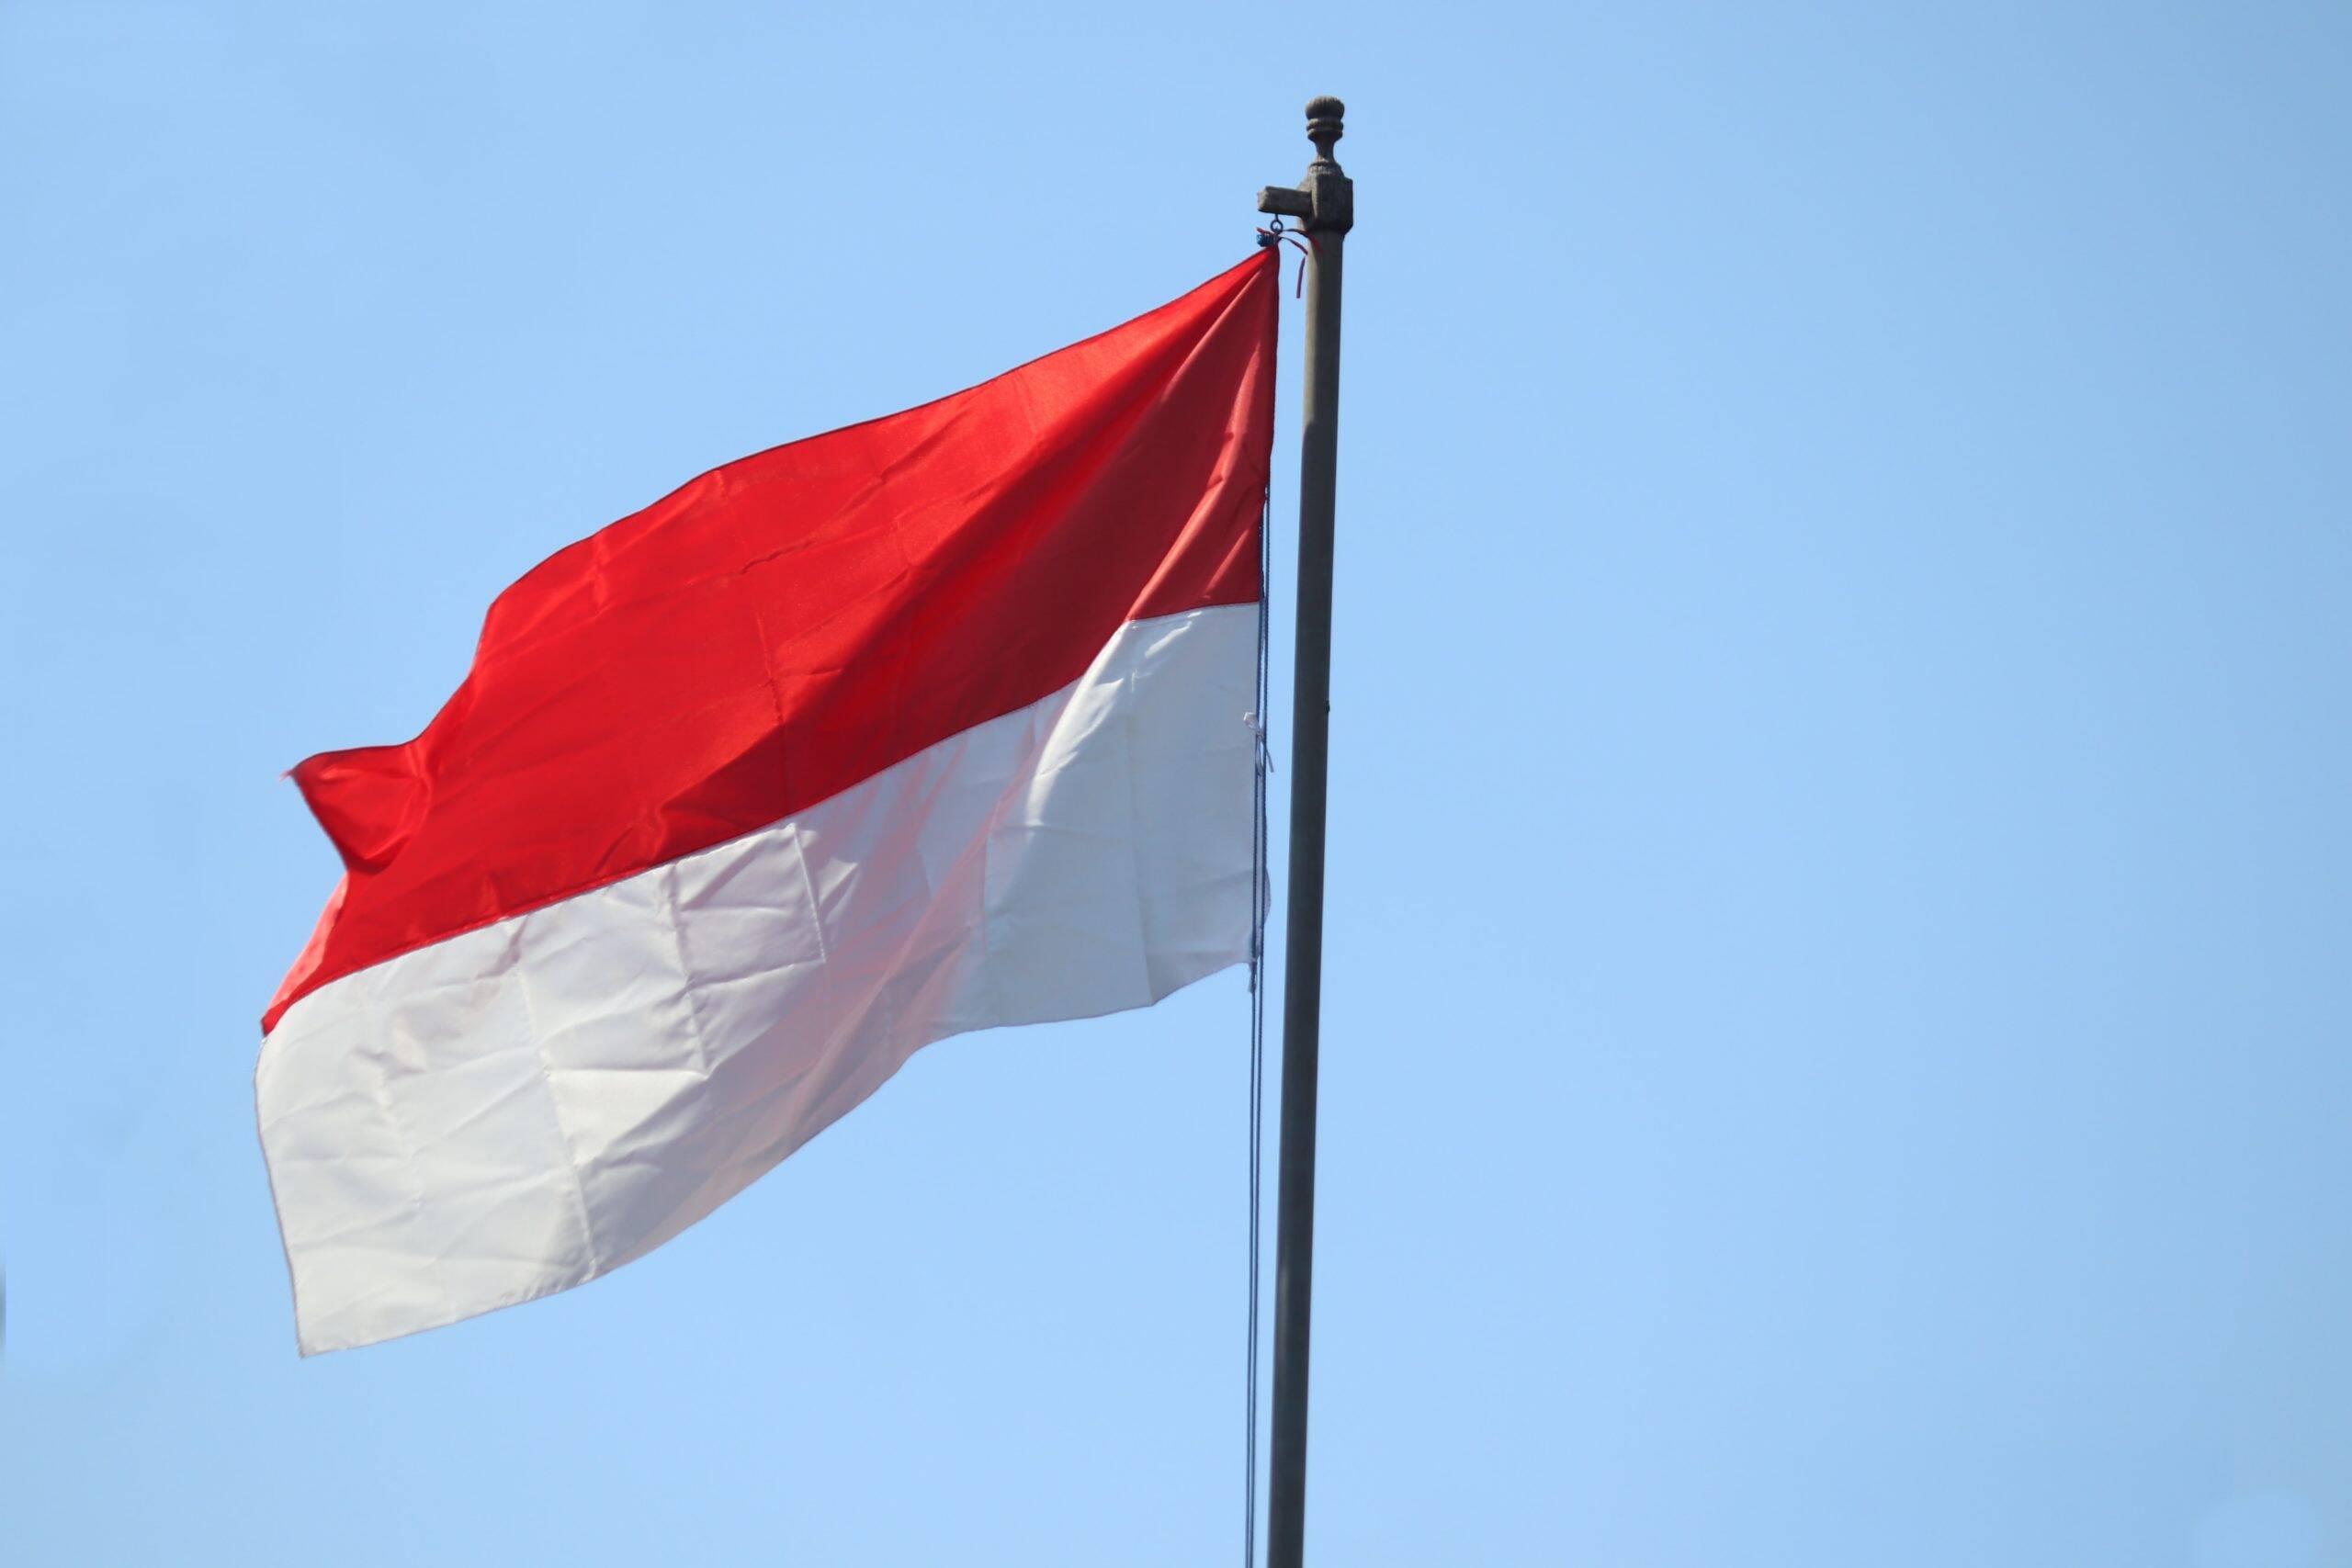 A Indonésia está na nona posição, tendo imunizado 41,53 milhões de pessoas. (Foto: Unsplash)